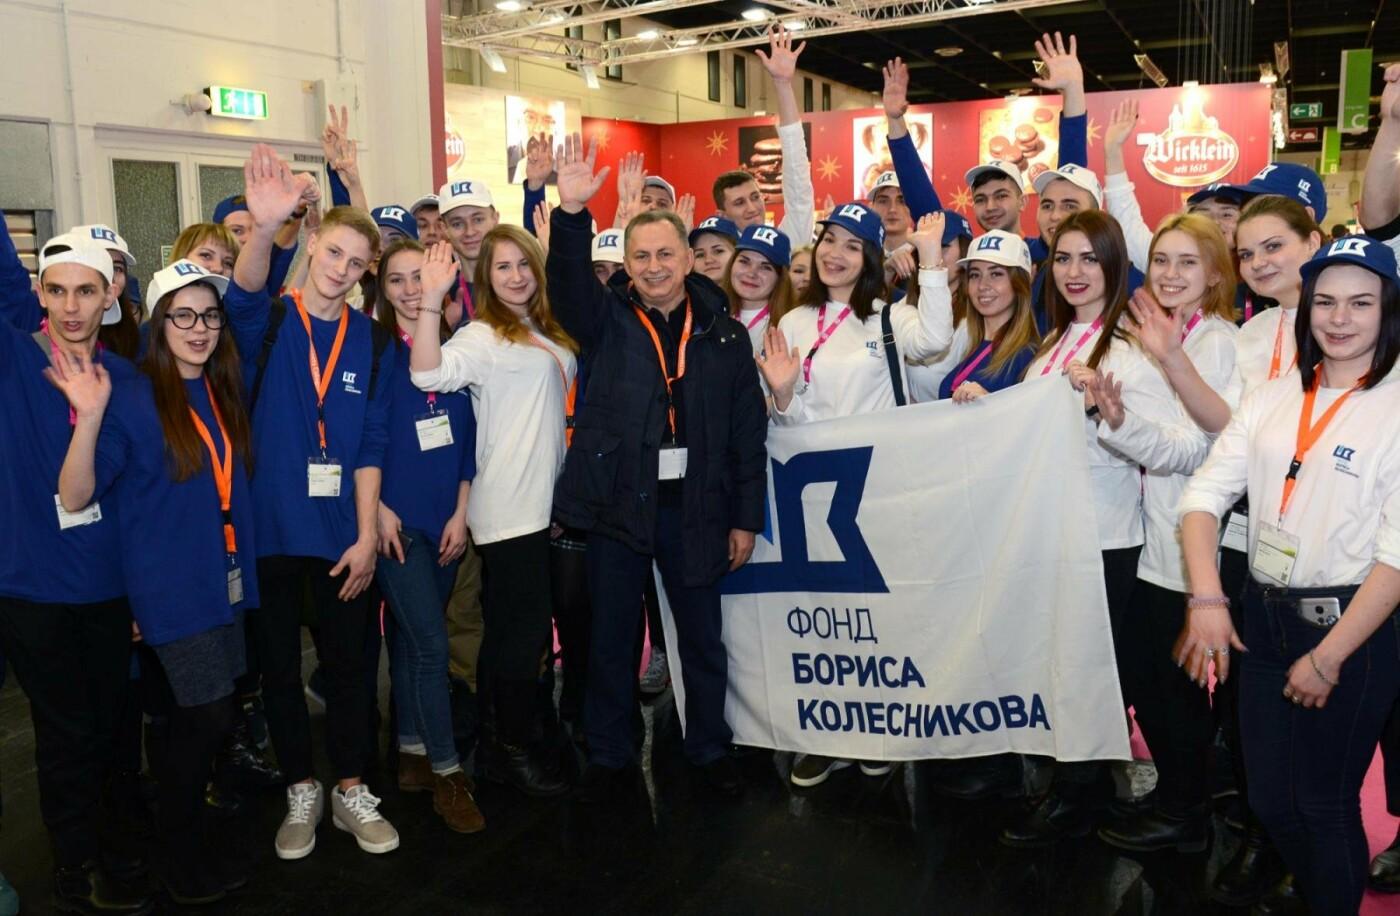 Харьковские студенты посетили крупнейший в мире кондитерский форум в Кельне, фото-4